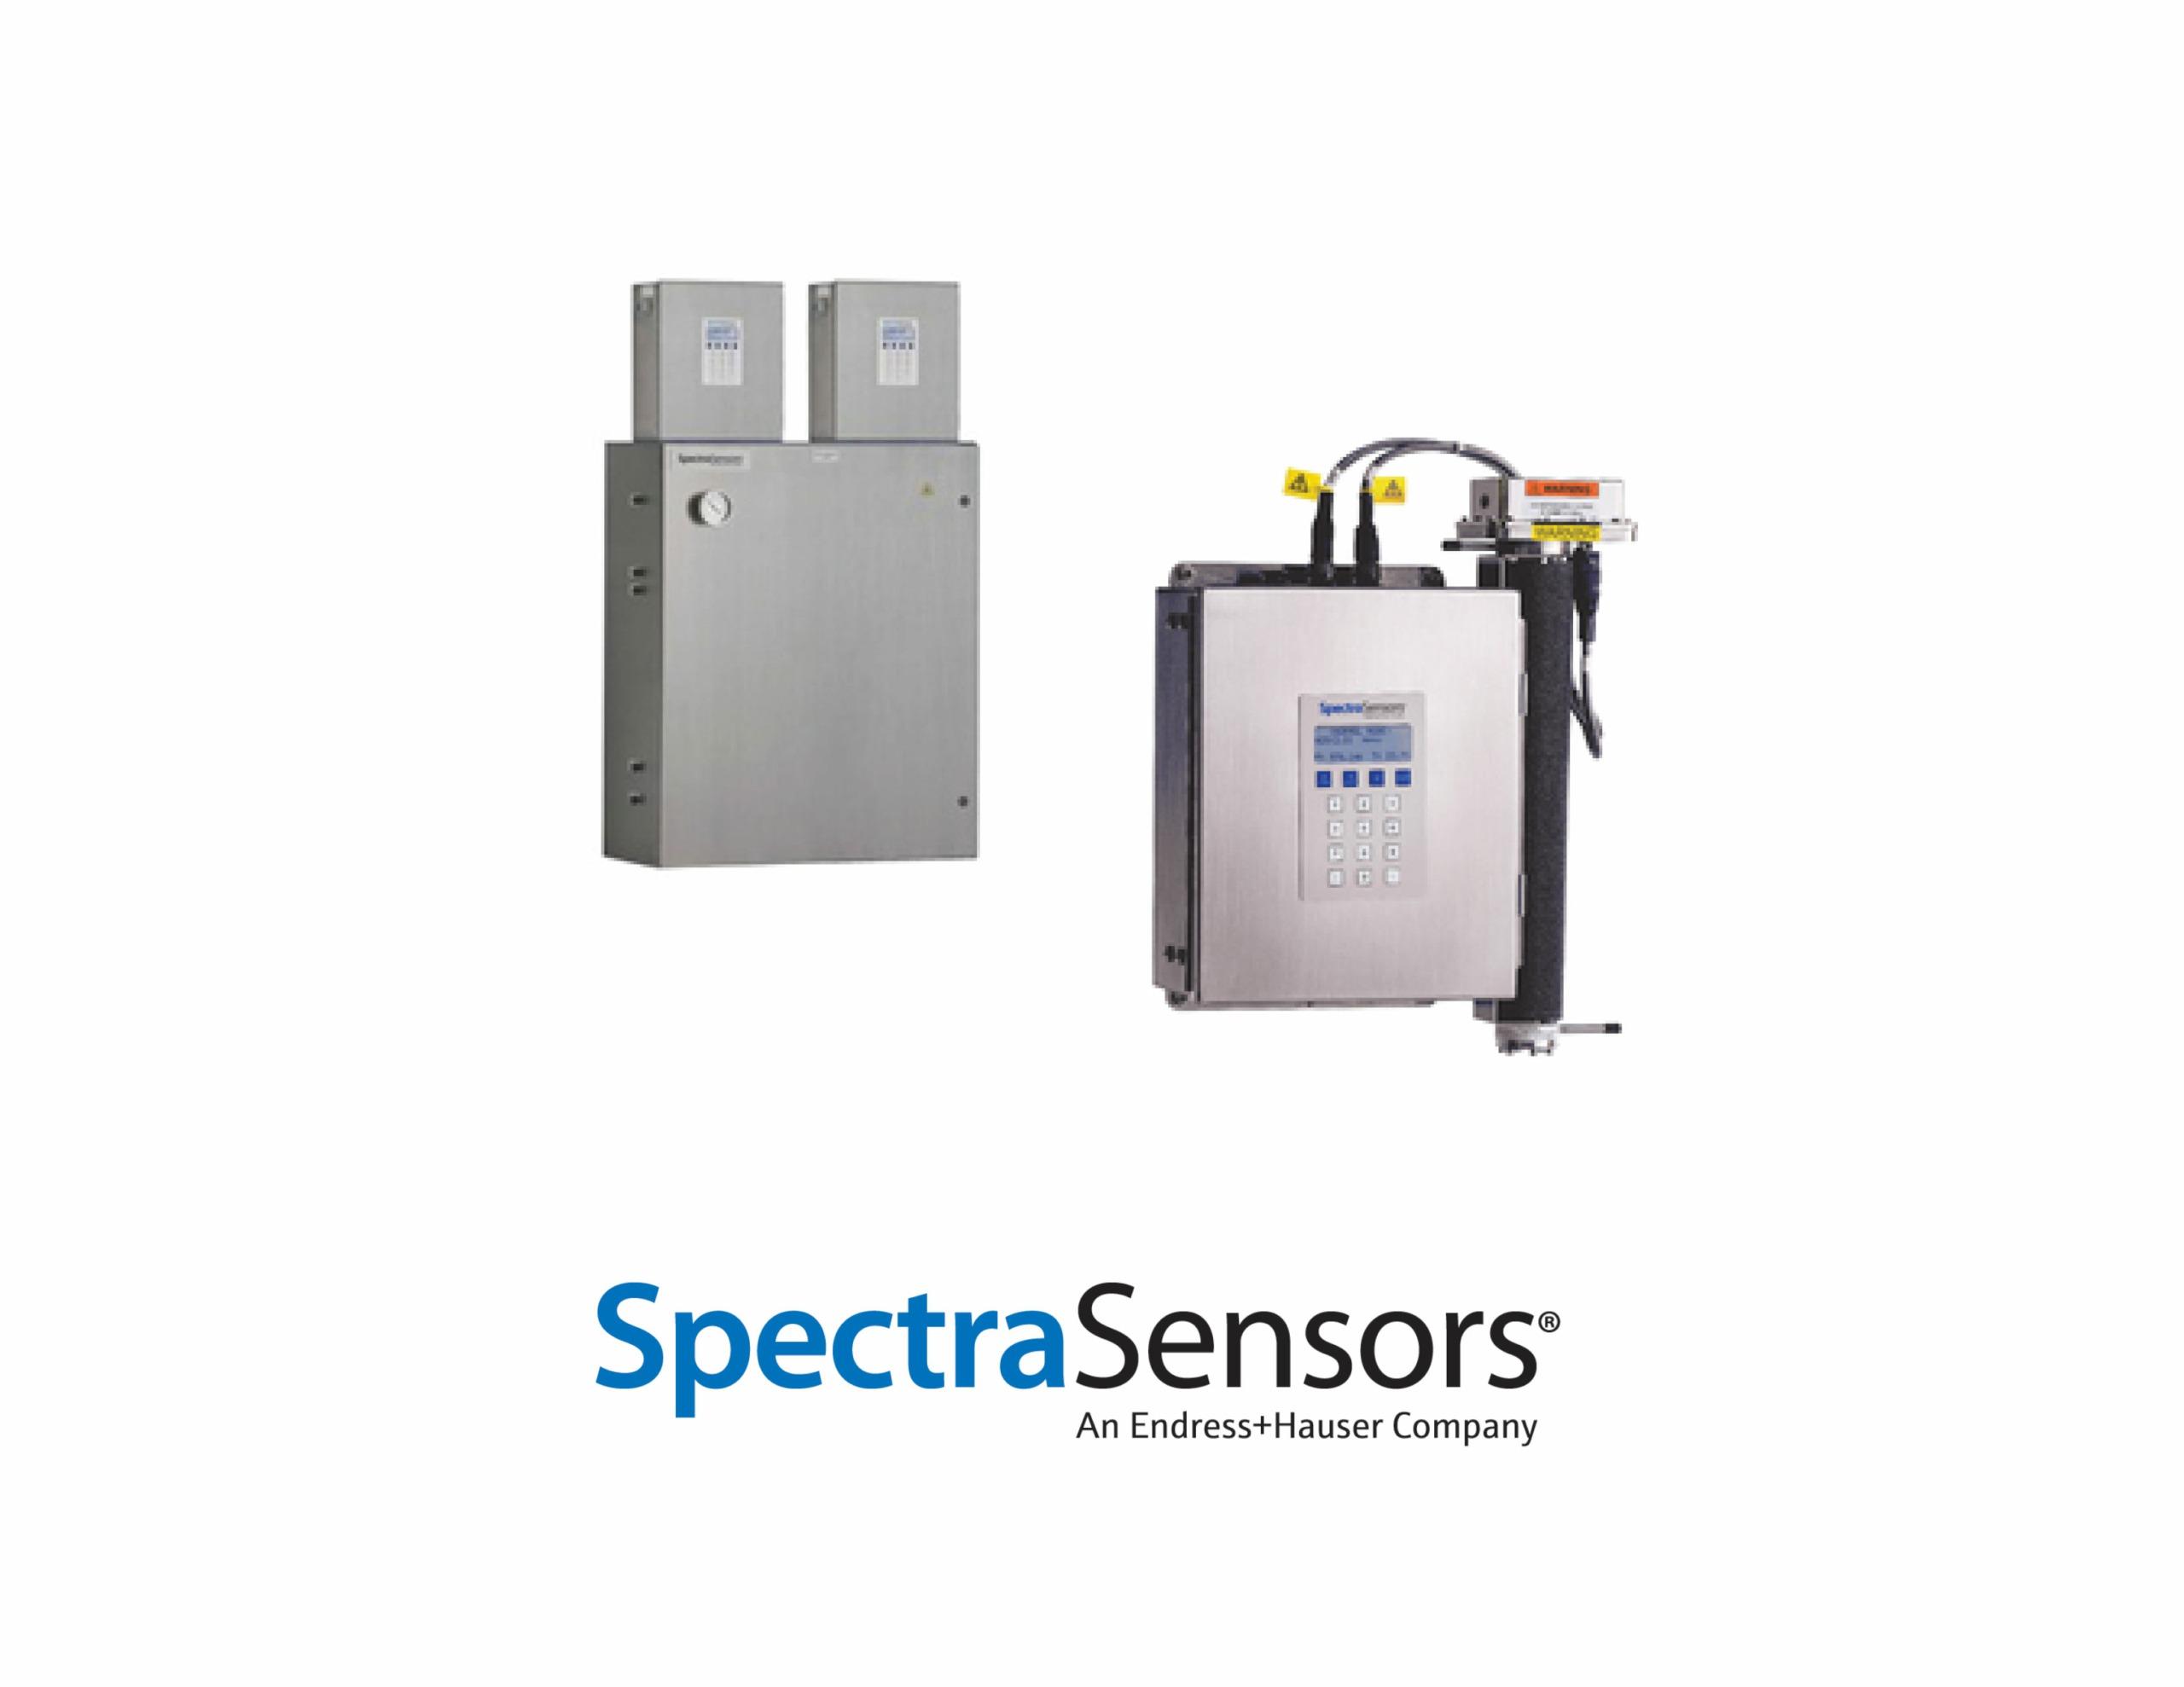 SpectraSensors